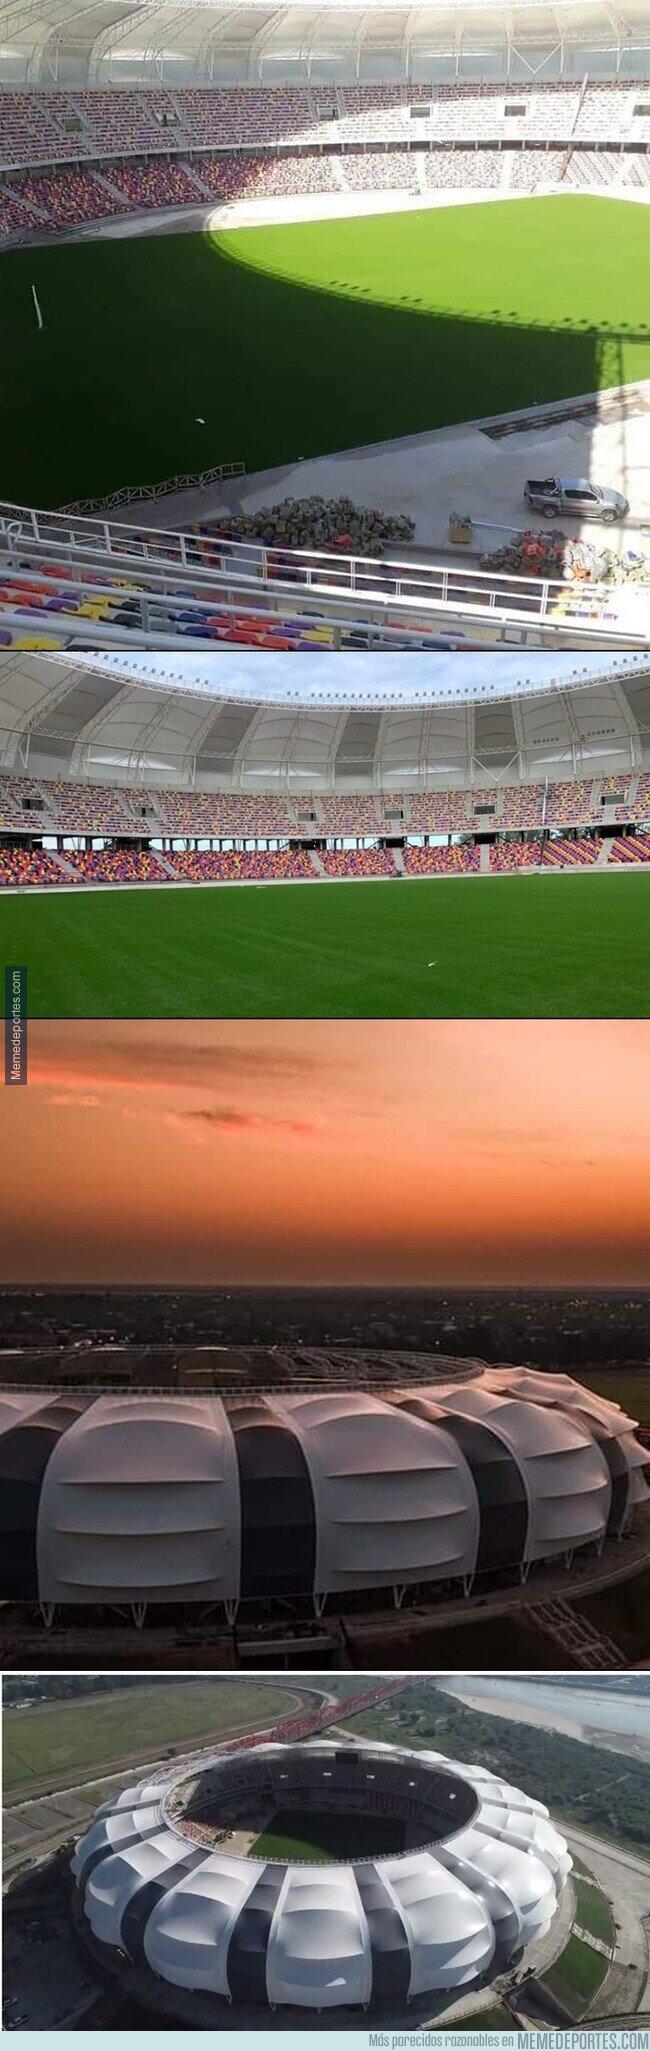 1104886 - Terminó la construcción del Estadio Único de Santiago del Estero. Que se habría utilizado para la Copa América en menos de 20 días :(